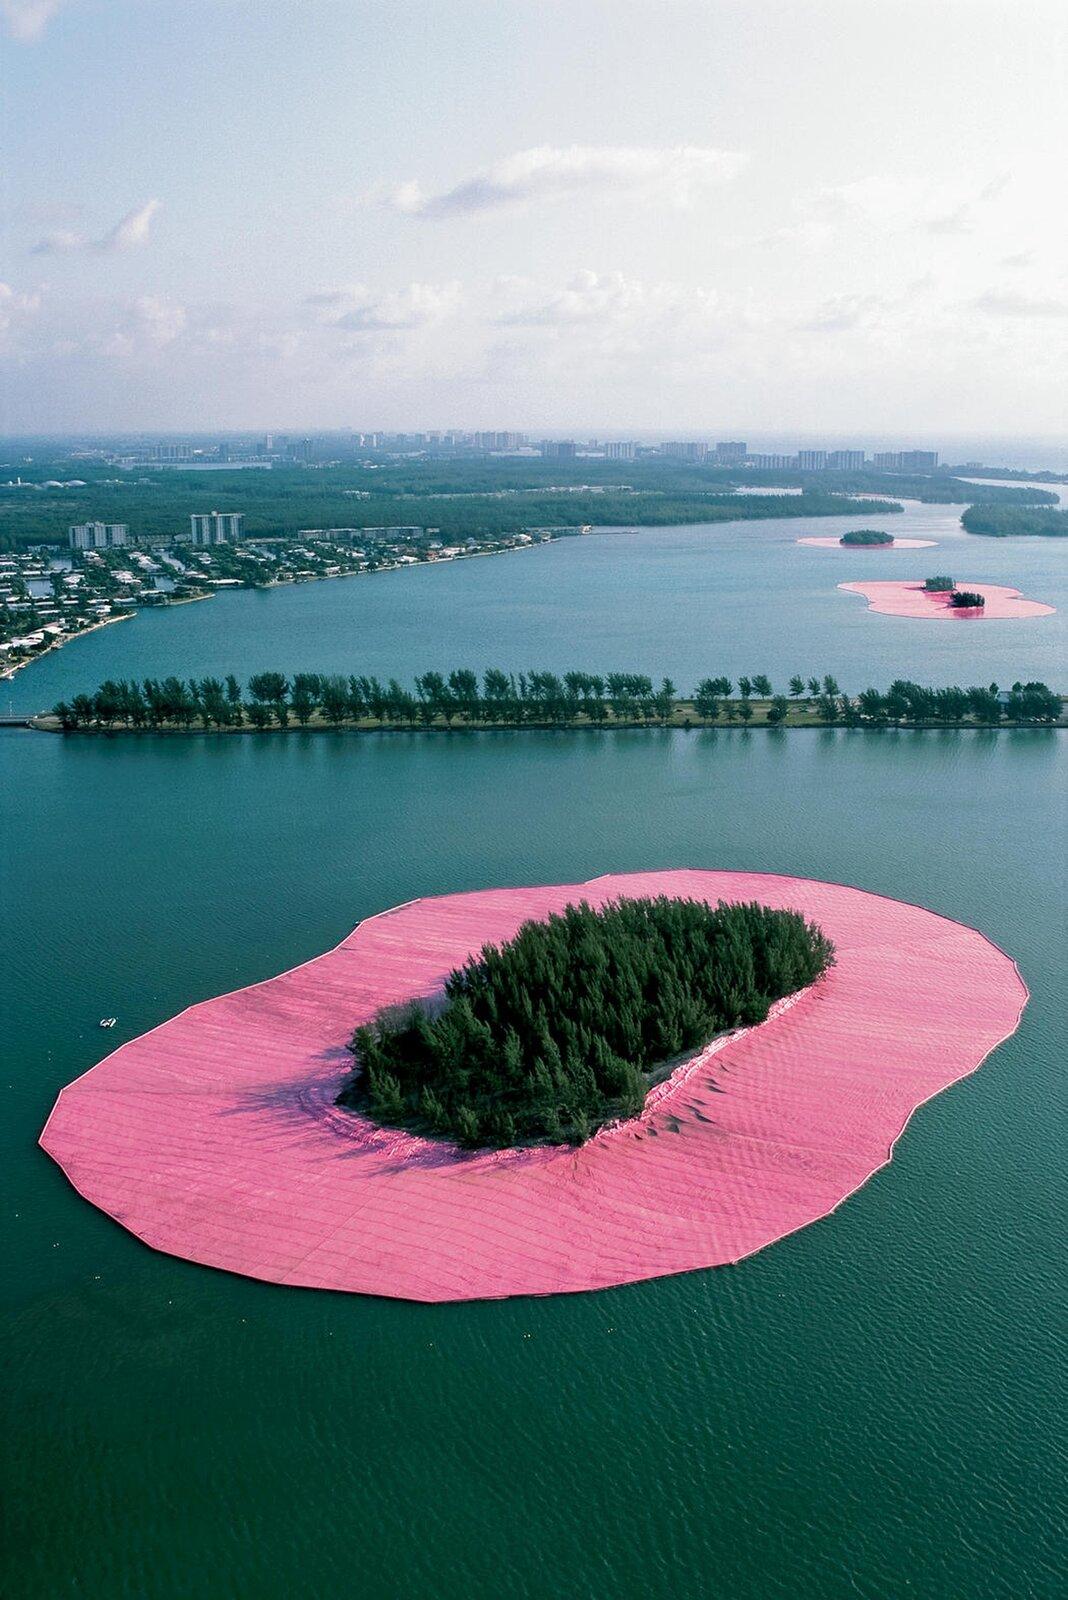 Ilustracja przedstawia różowy materiał okalający wyspę zdrzewami. Wtle widać inne wyspy ogrodzone wten sam sposób. Artyści otoczyli 11 niezamieszkałych wysp wpobliżu Miami różową tkaniną szerokości ok. 70 metrów.